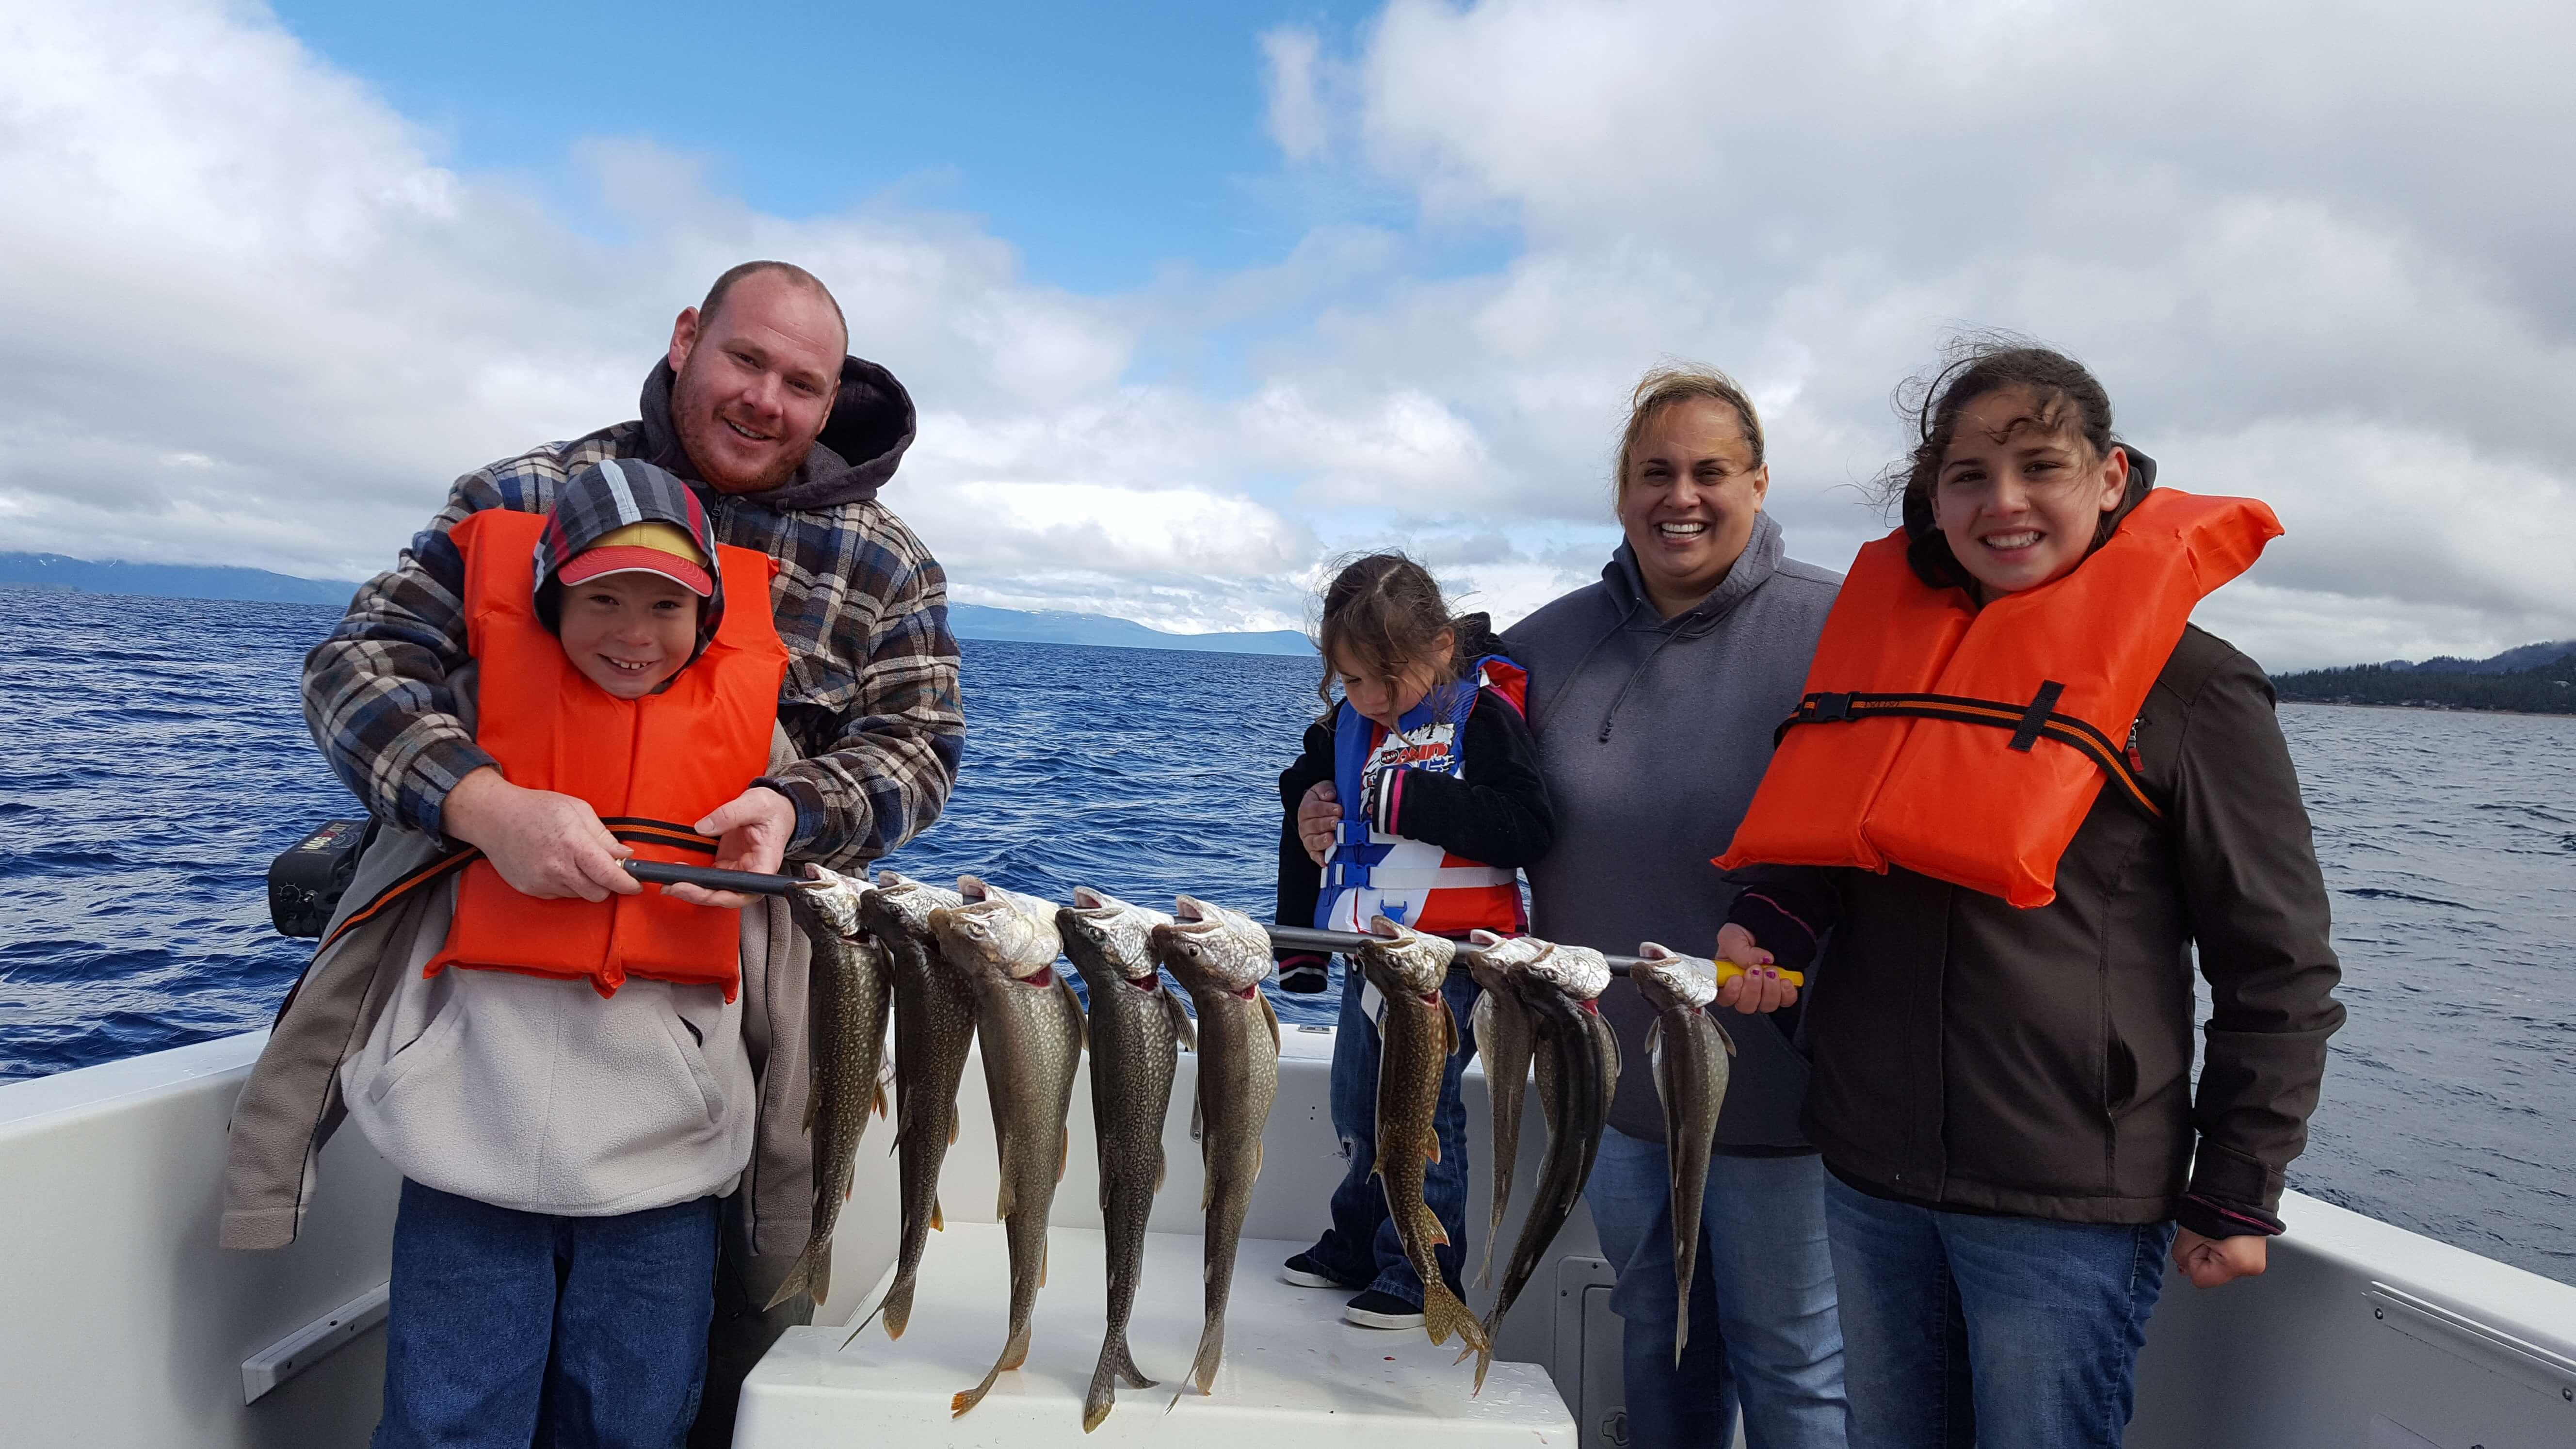 Lake tahoe fishing report lake tahoe sport fishing for Lake tahoe fishing charters